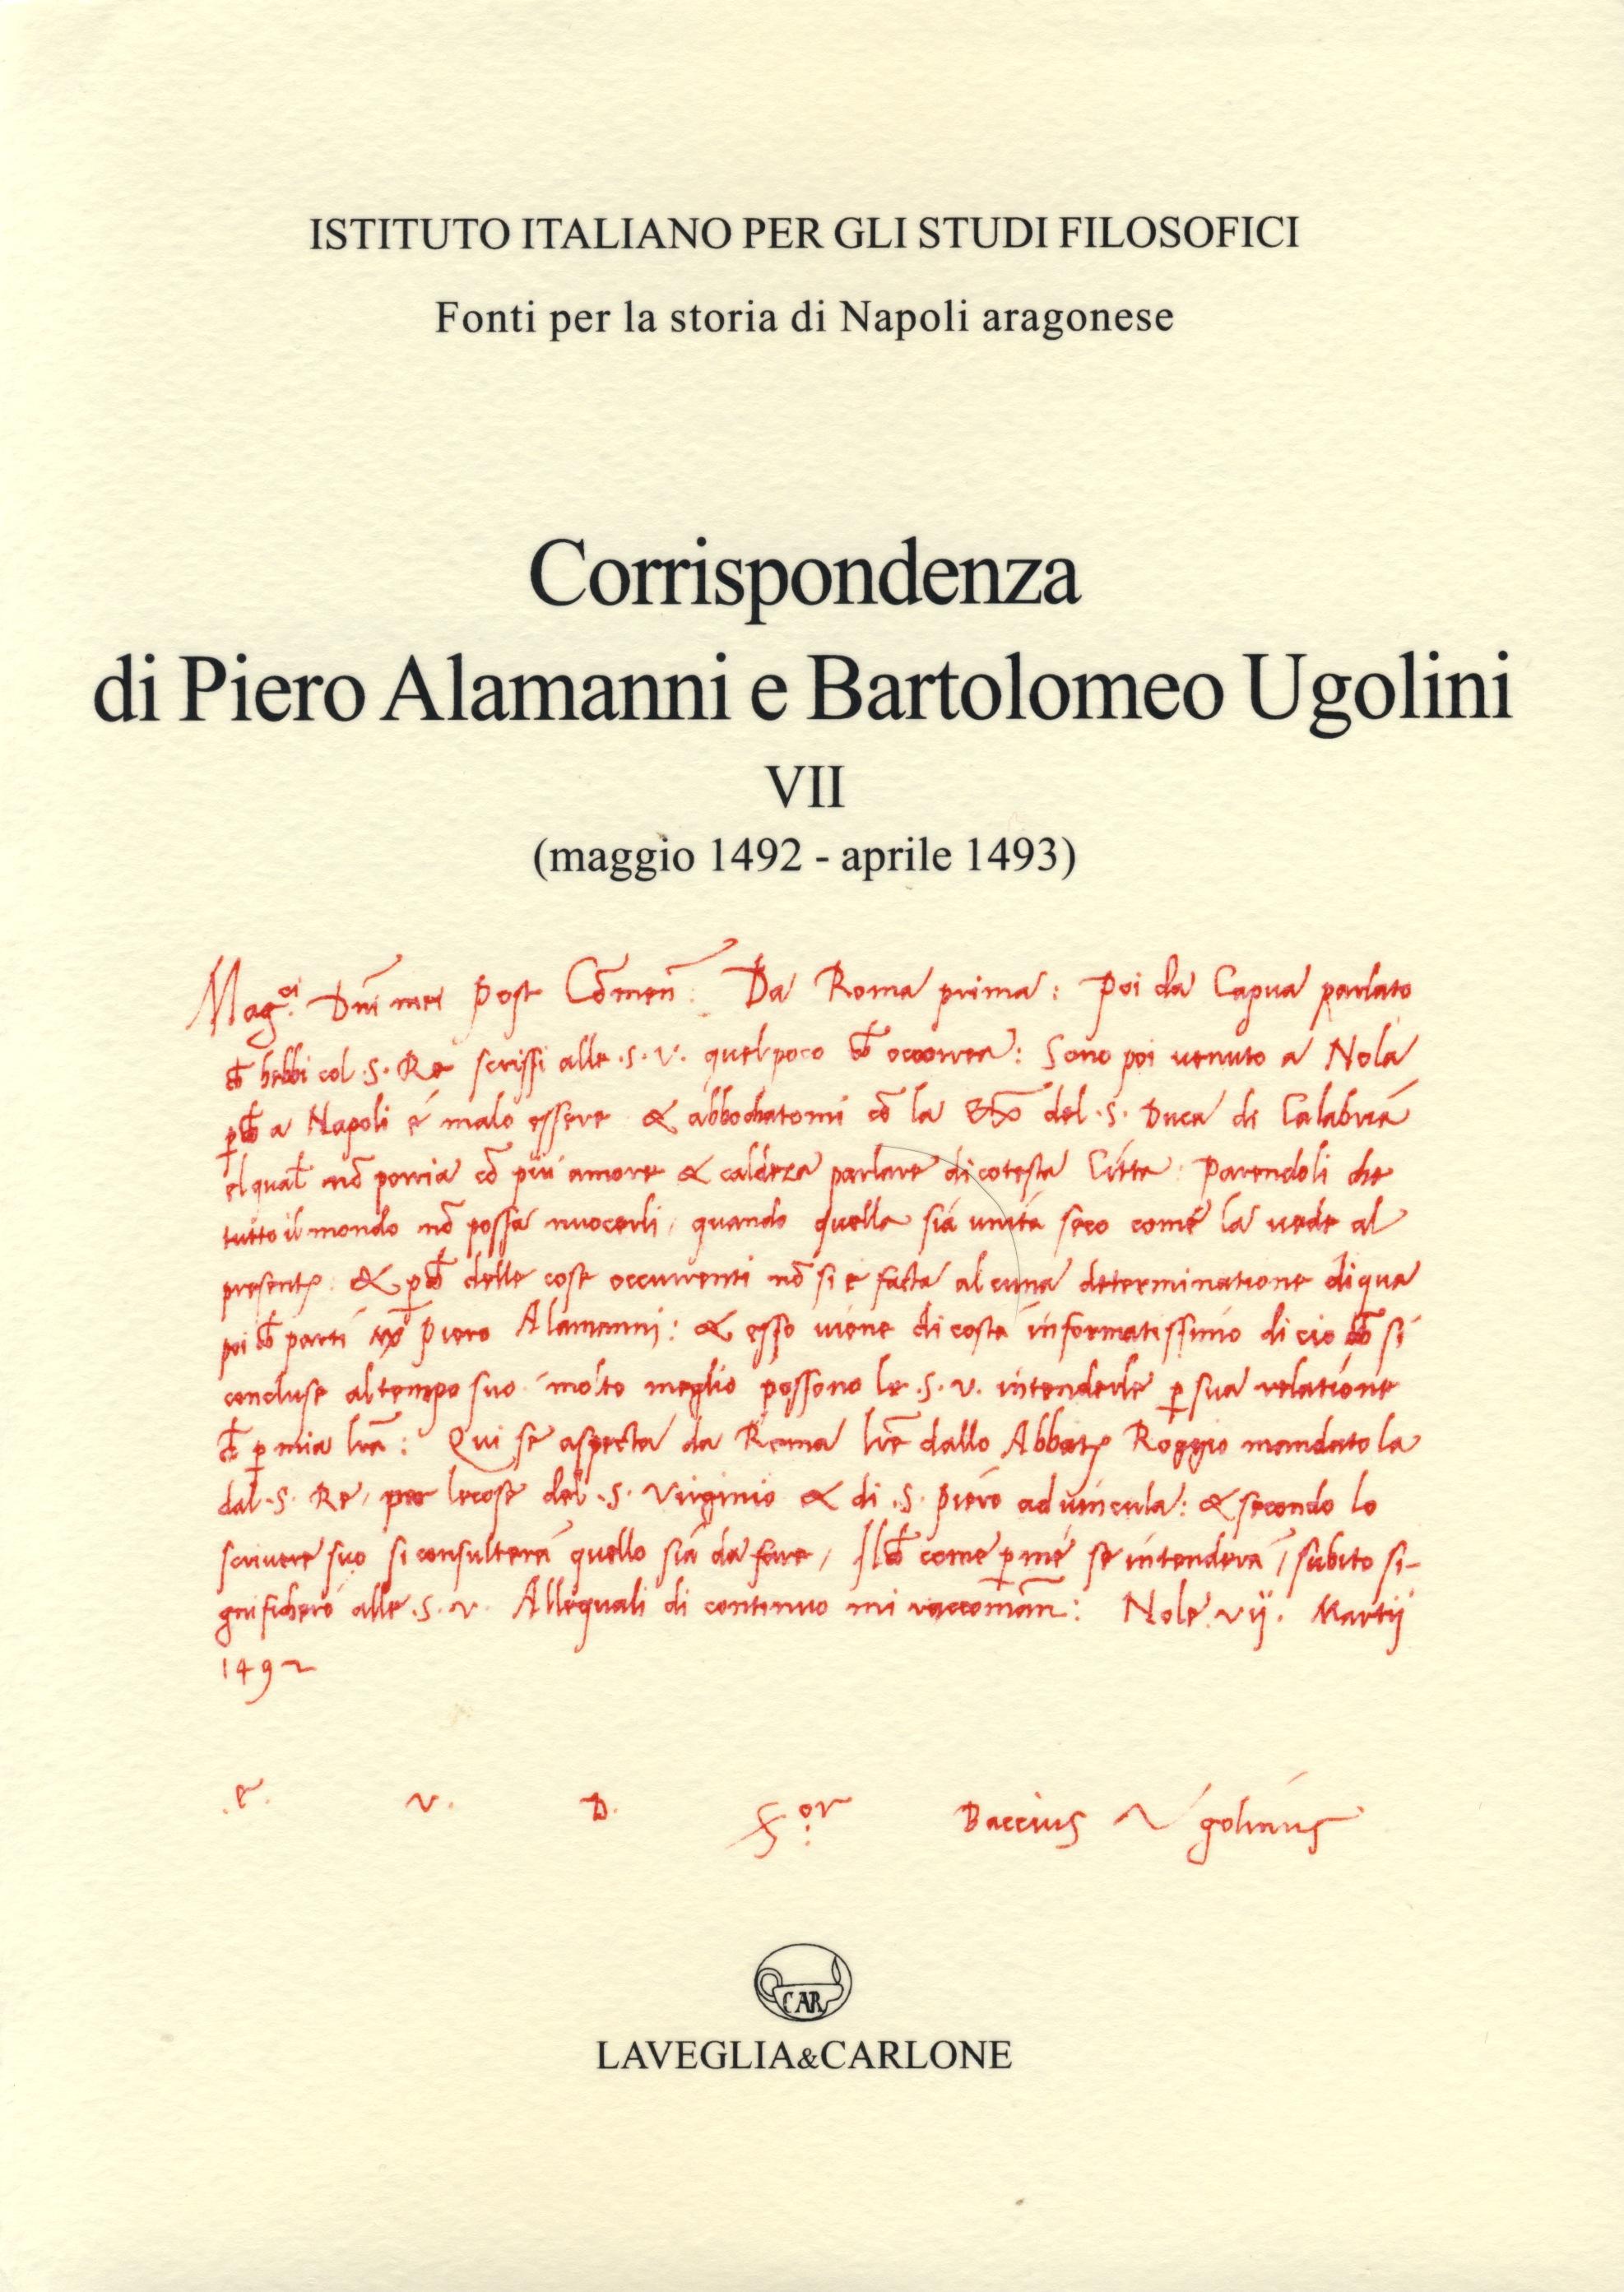 Fonti per la storia di Napoli aragonese II/7